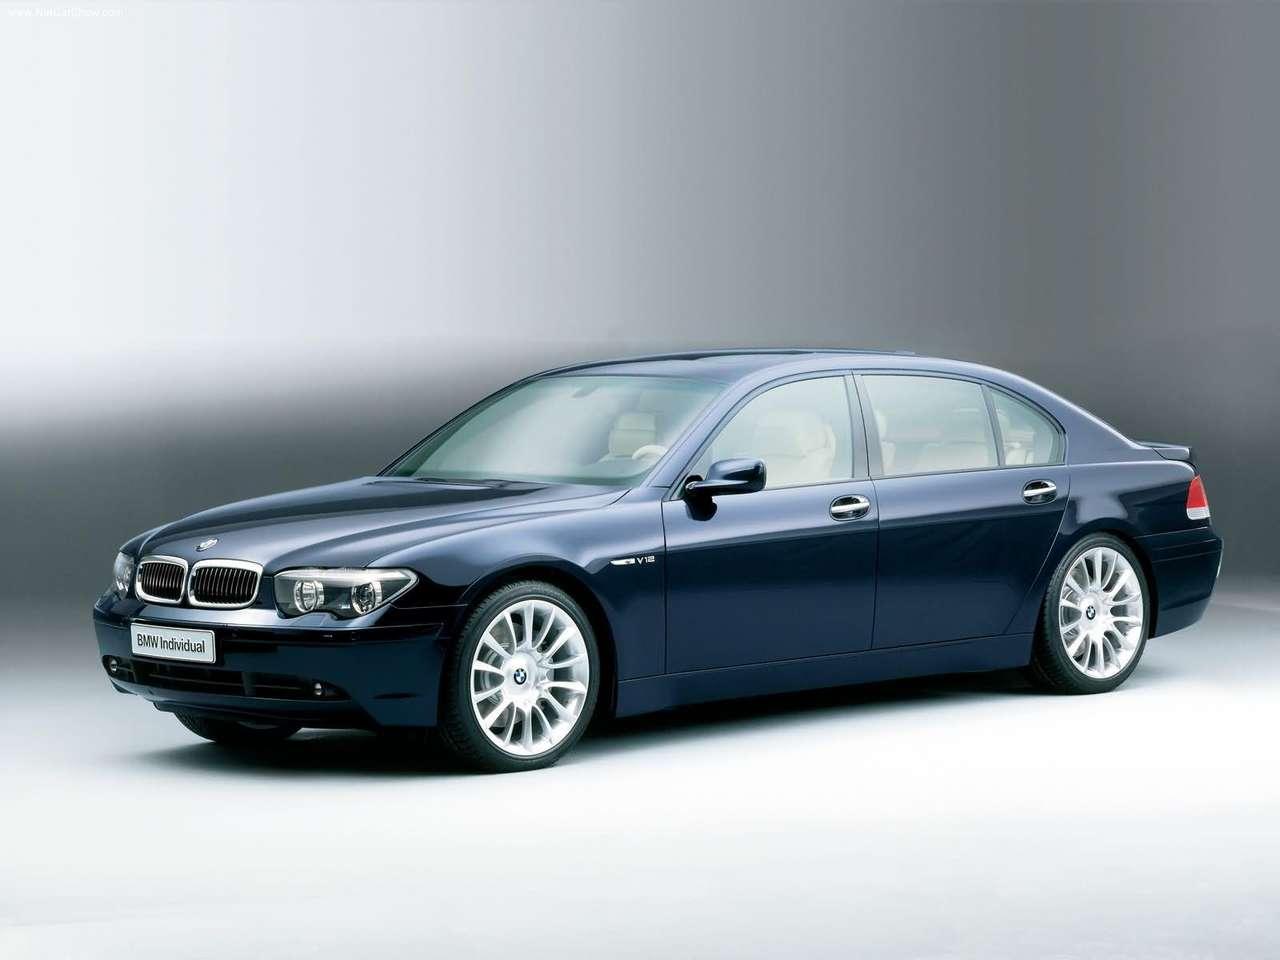 http://3.bp.blogspot.com/_xhqjRo6NERQ/S68c_bwQlXI/AAAAAAAAGZc/WERn1pCUCXQ/s1600/BMW-760Li_Yachtline_Concept_2002_1280x960_wallpaper_01.jpg